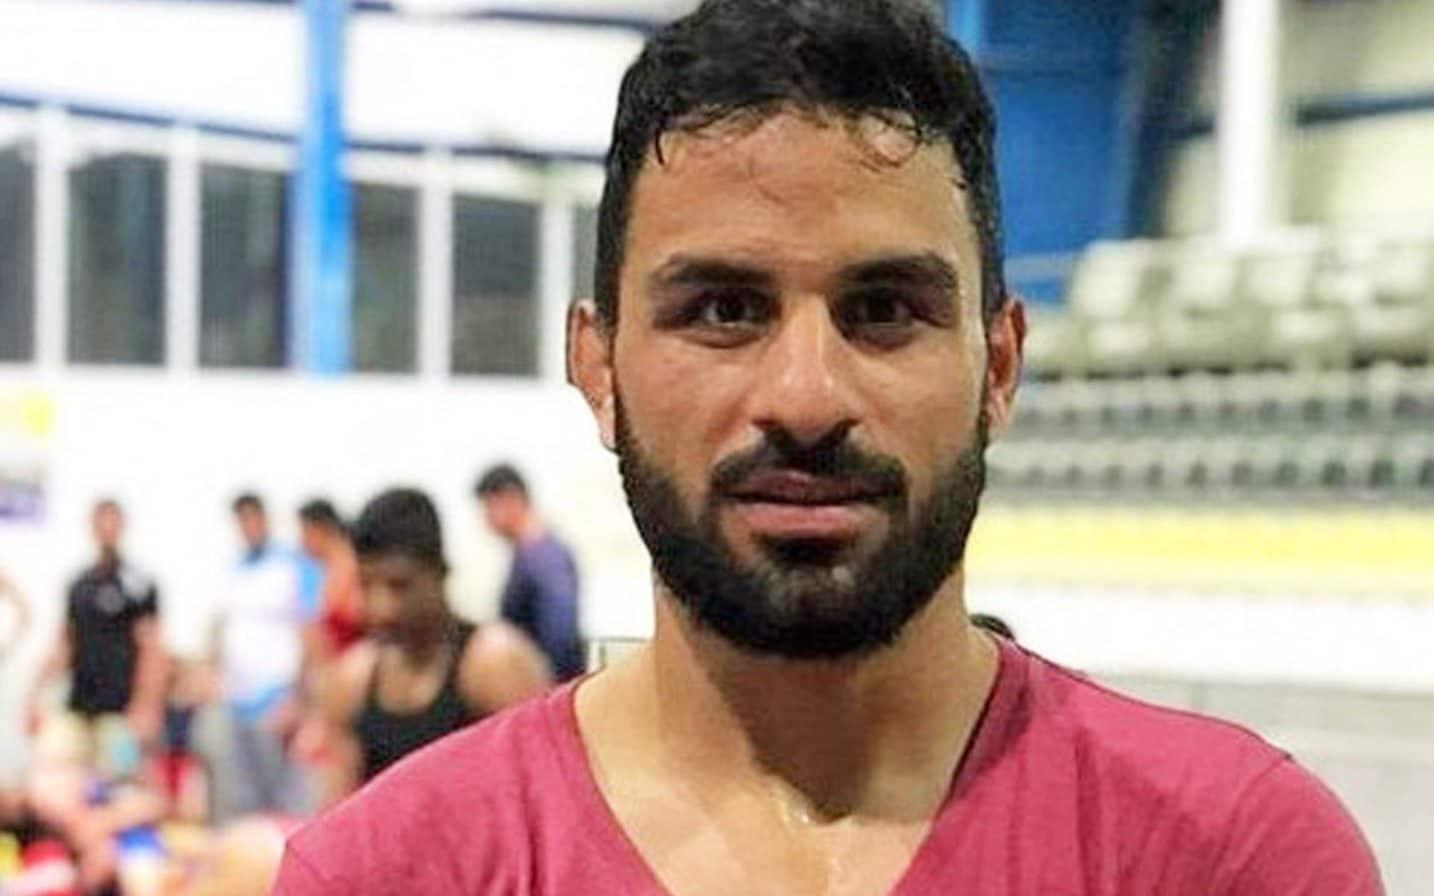 Iranian wrestler Navid Afkari executed over 2018 security guard killing